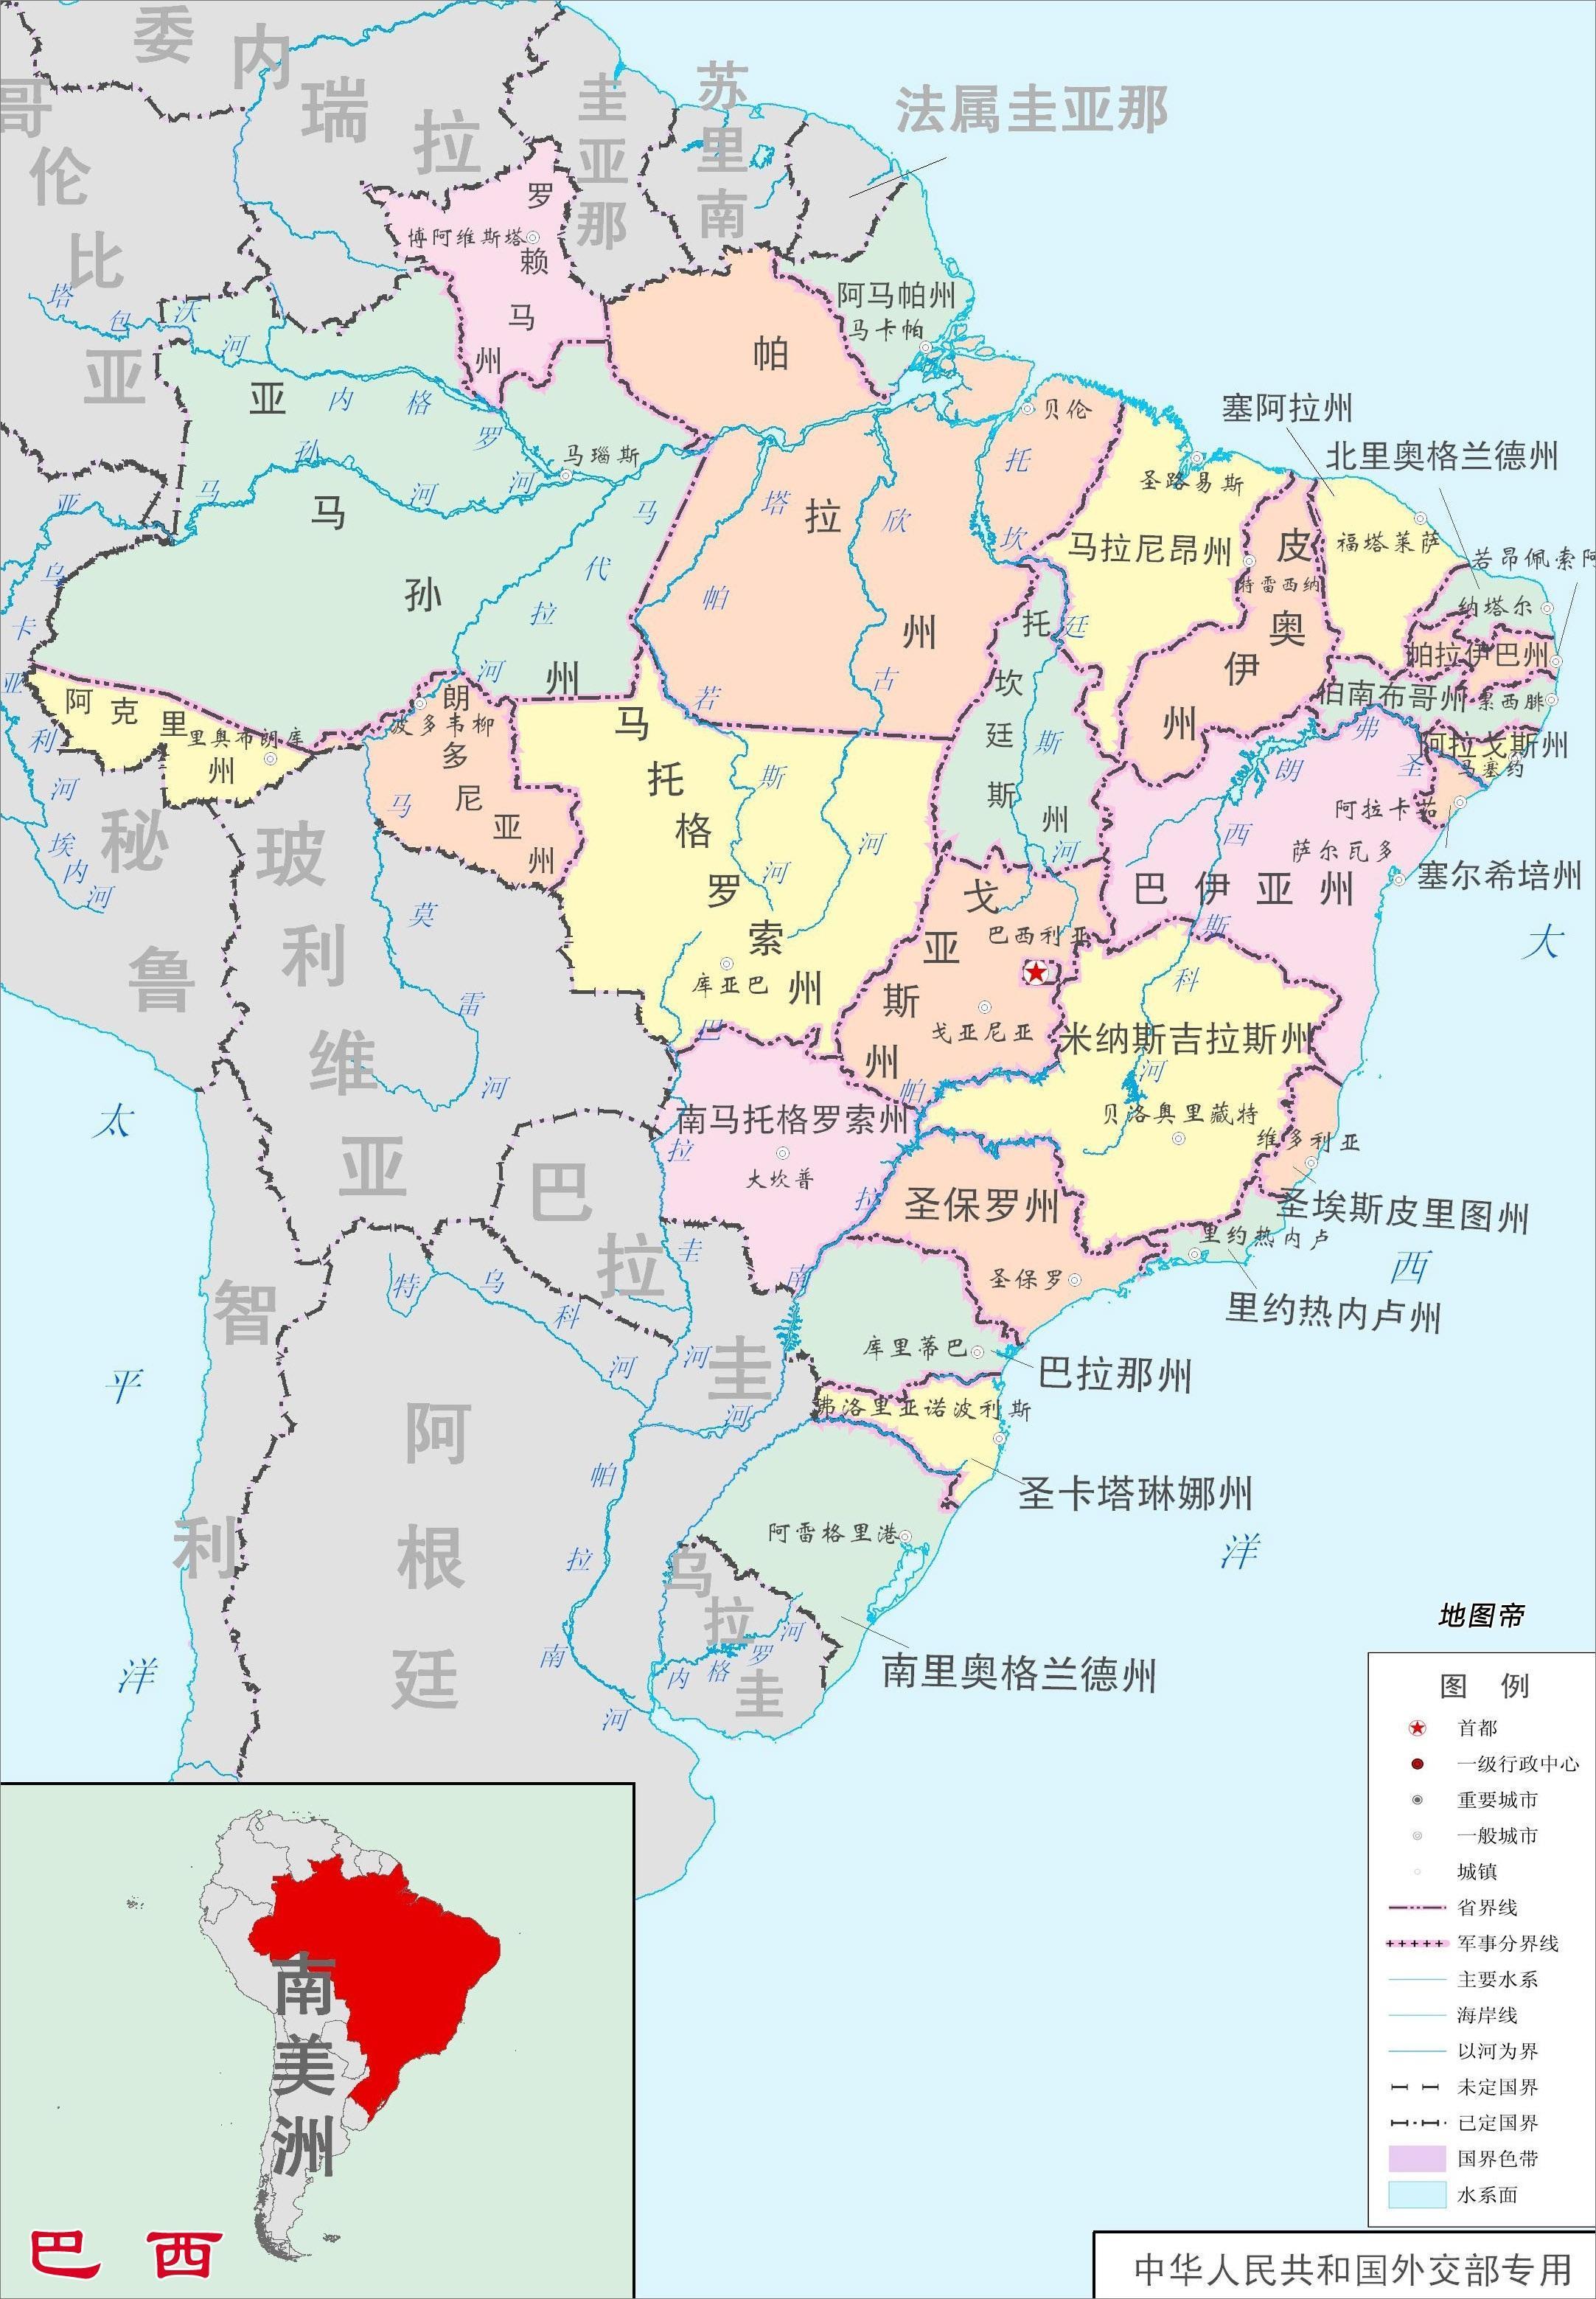 美国的经济总量占全球的_美国全球军事基地